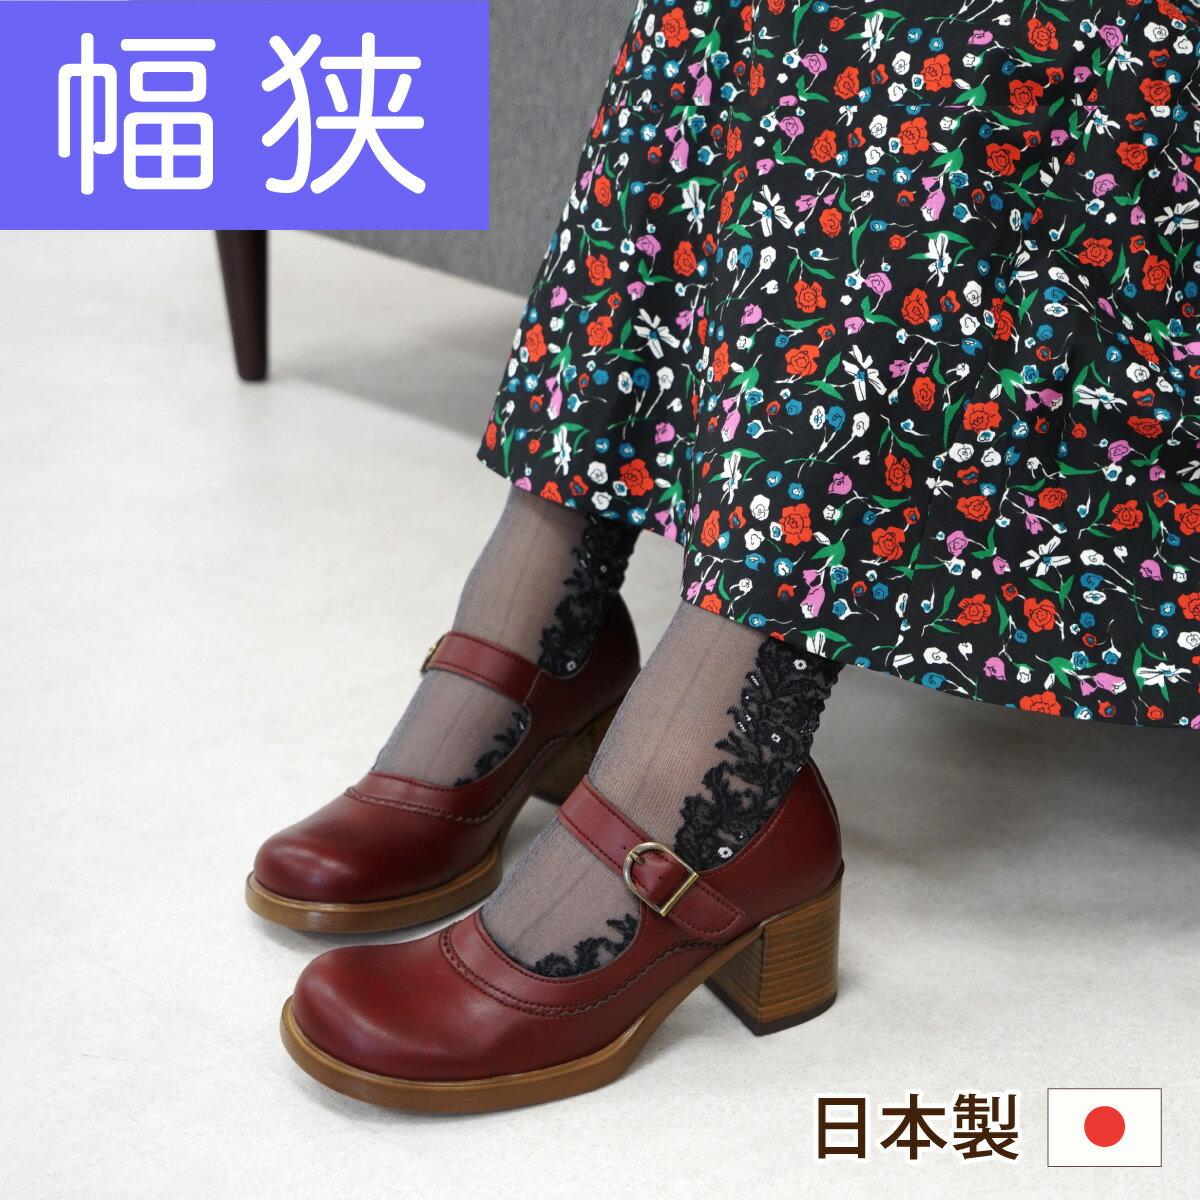 【幅狭特注】おでこ丸トゥストラップやさしい靴工房 Belle and Sofa オリジナル★0594Y NHK ルソンの壺 の取材を受けました!